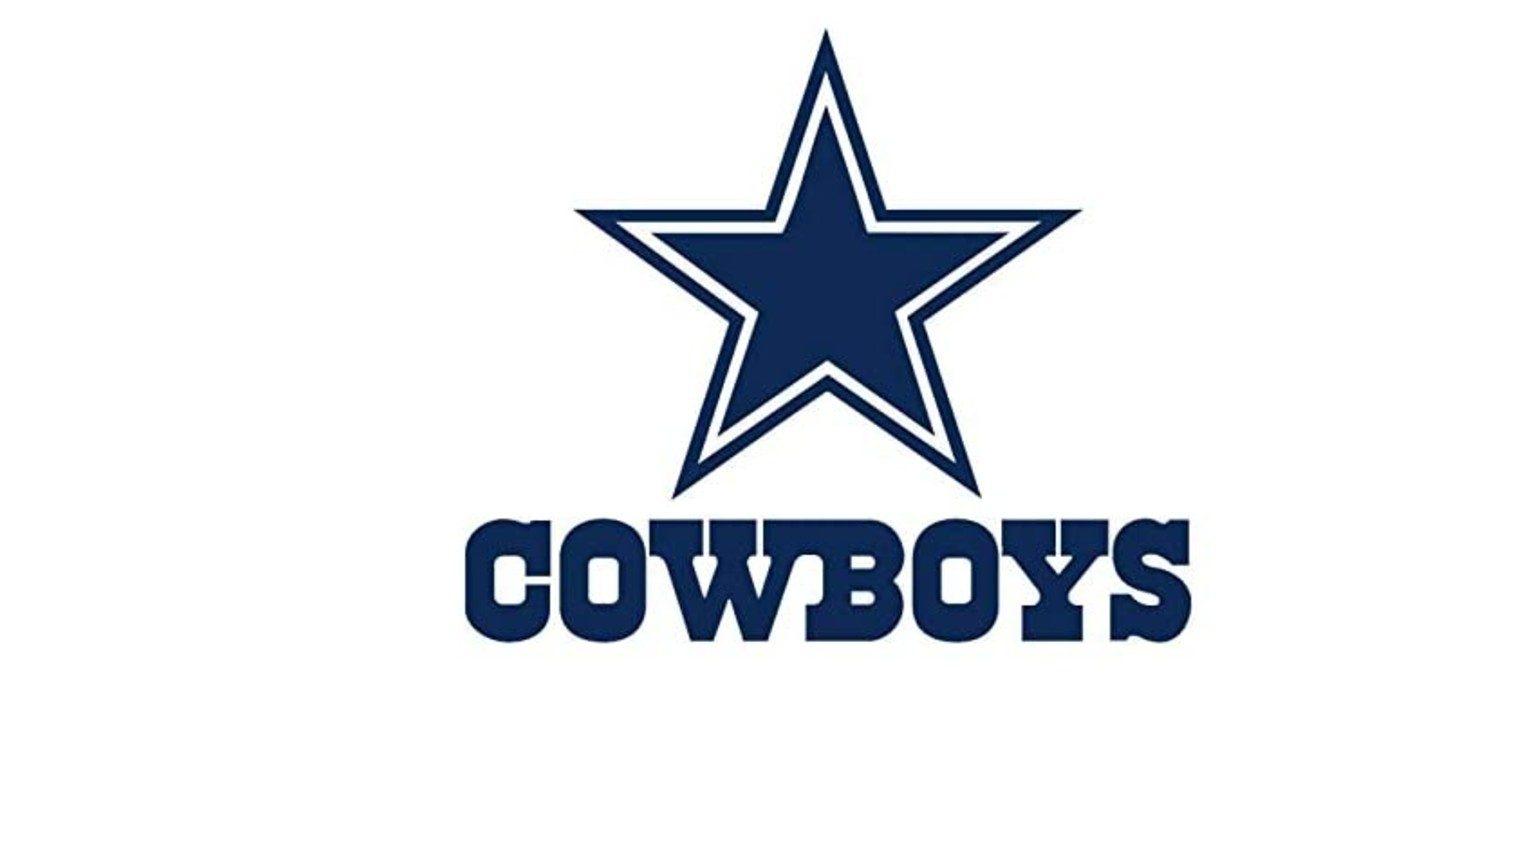 Cowboys dallas